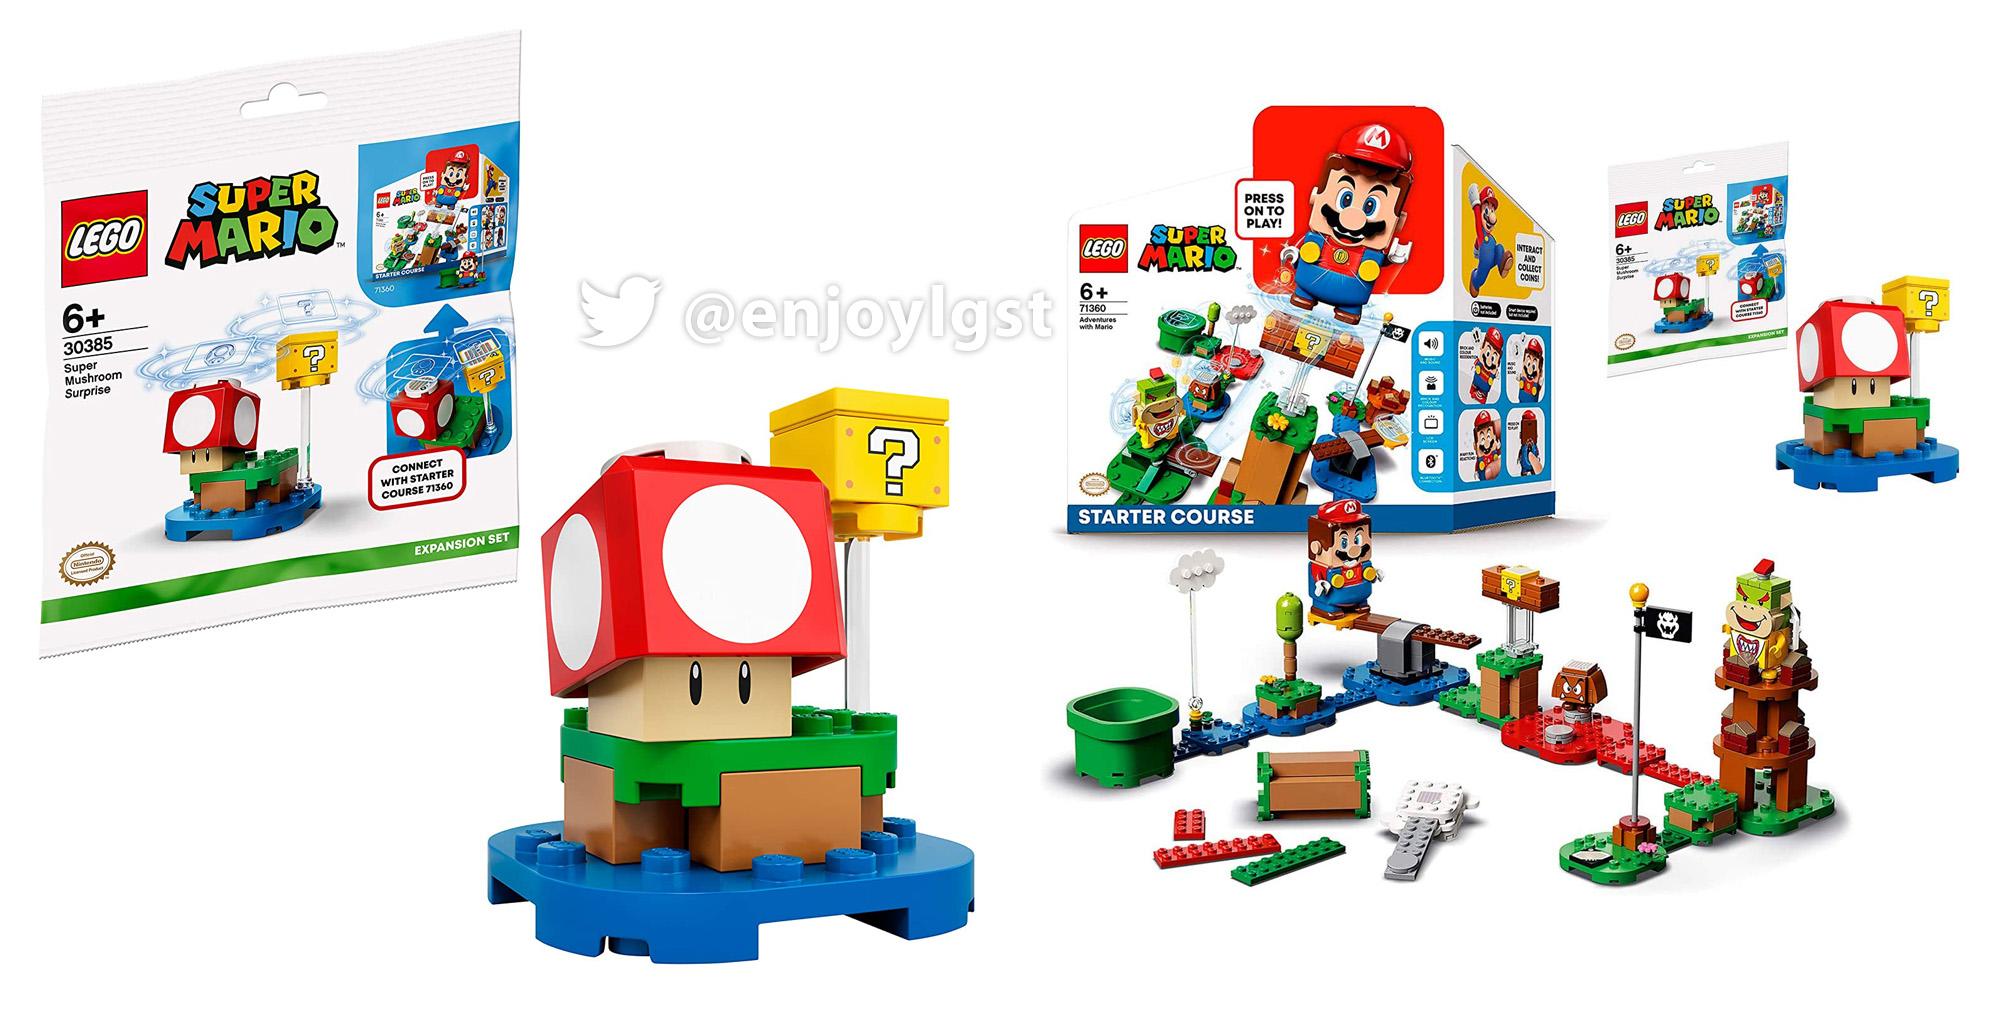 スーパーキノコ付きレゴ(LEGO)スーパーマリオスターターセット発売!Amazonで特典30385を入手せよ!